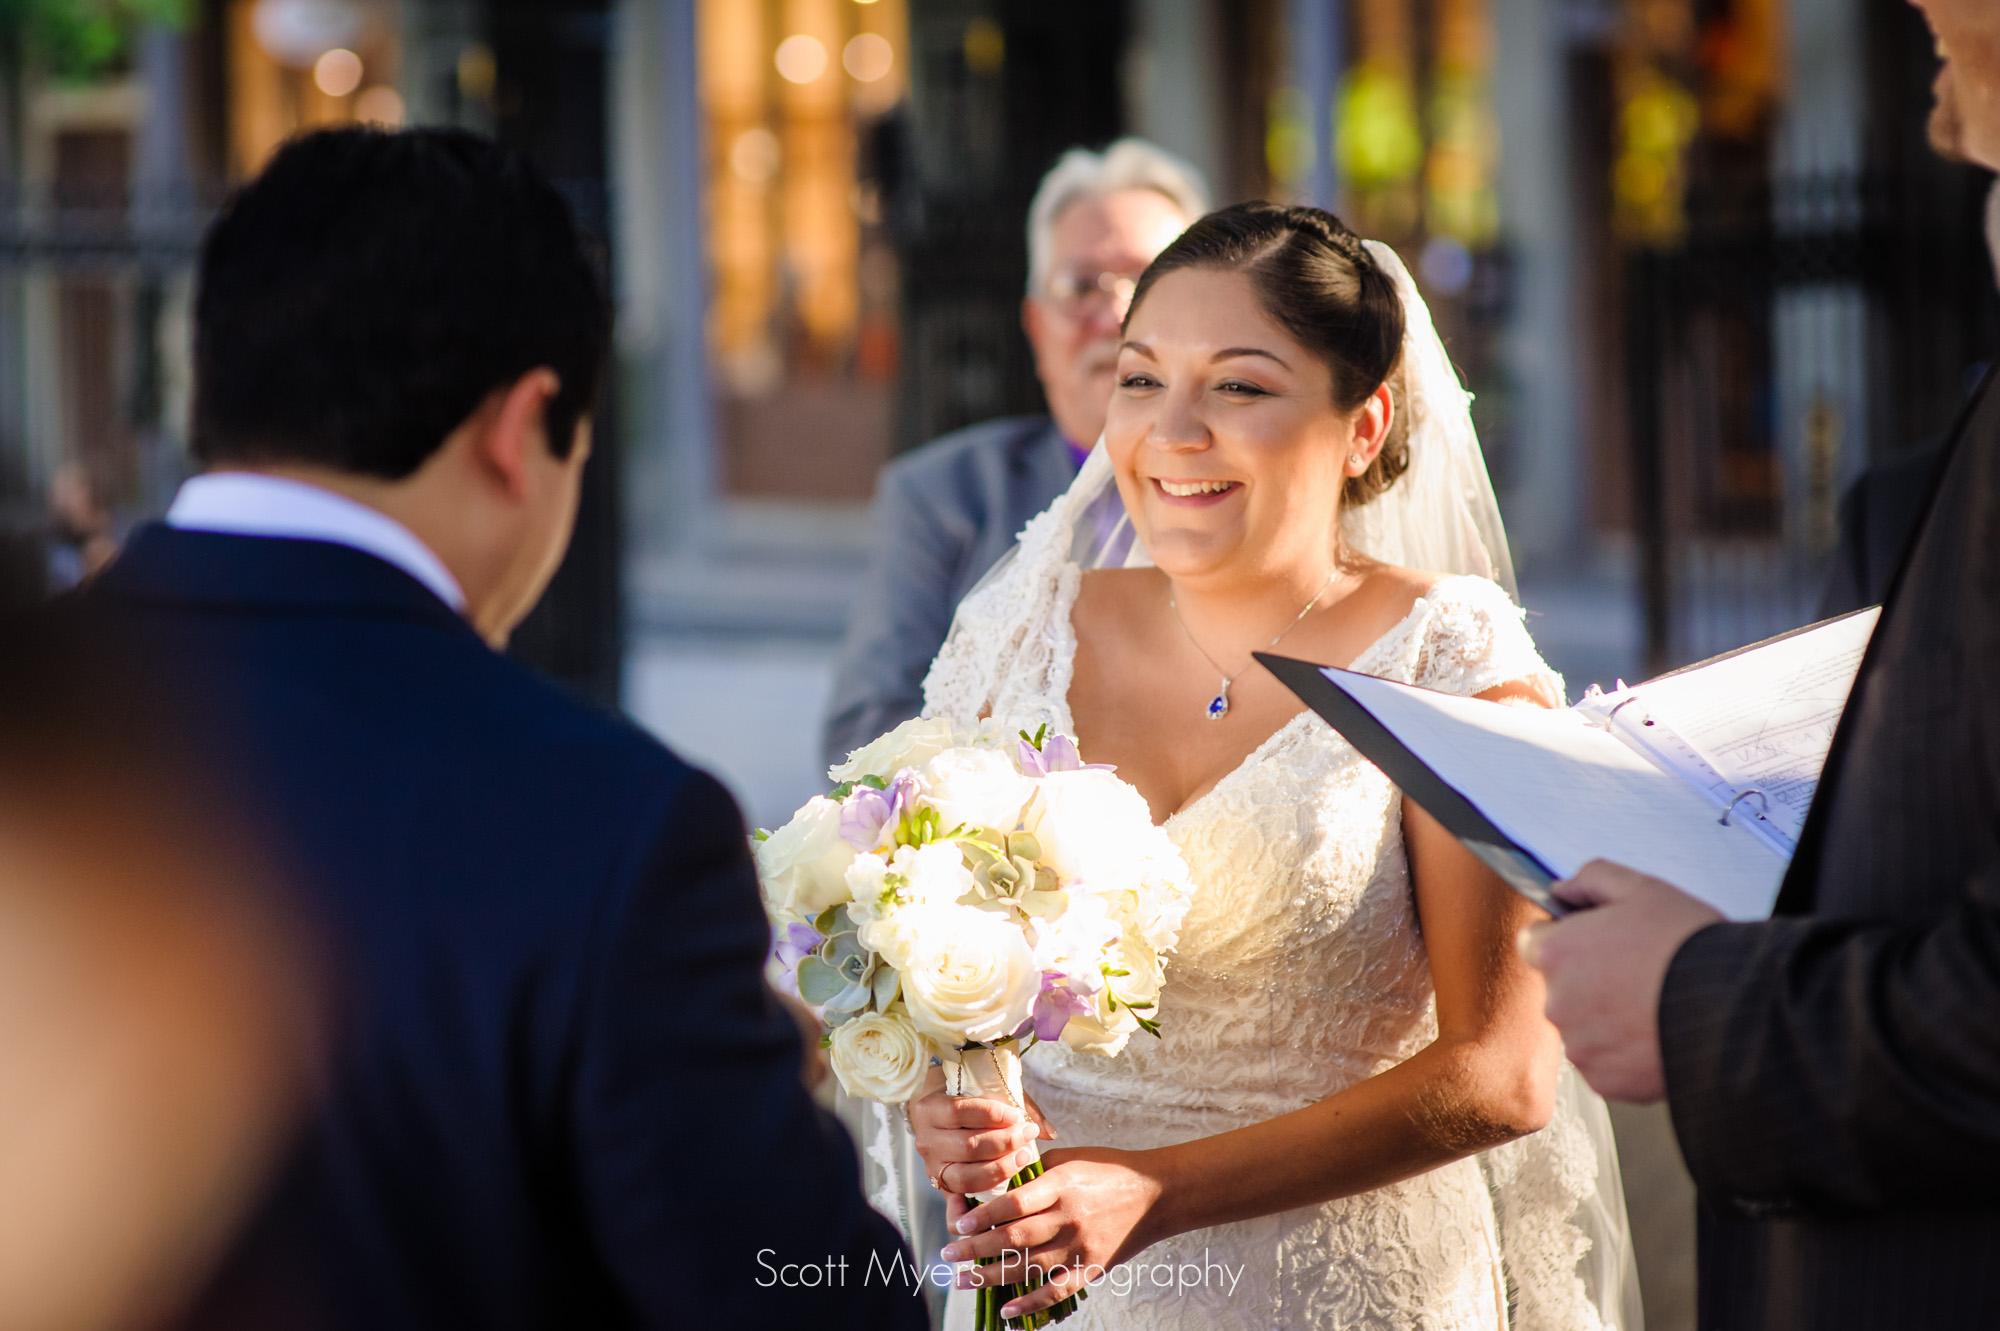 Scott_Myers_Wedding_New_Orleans_021.jpg